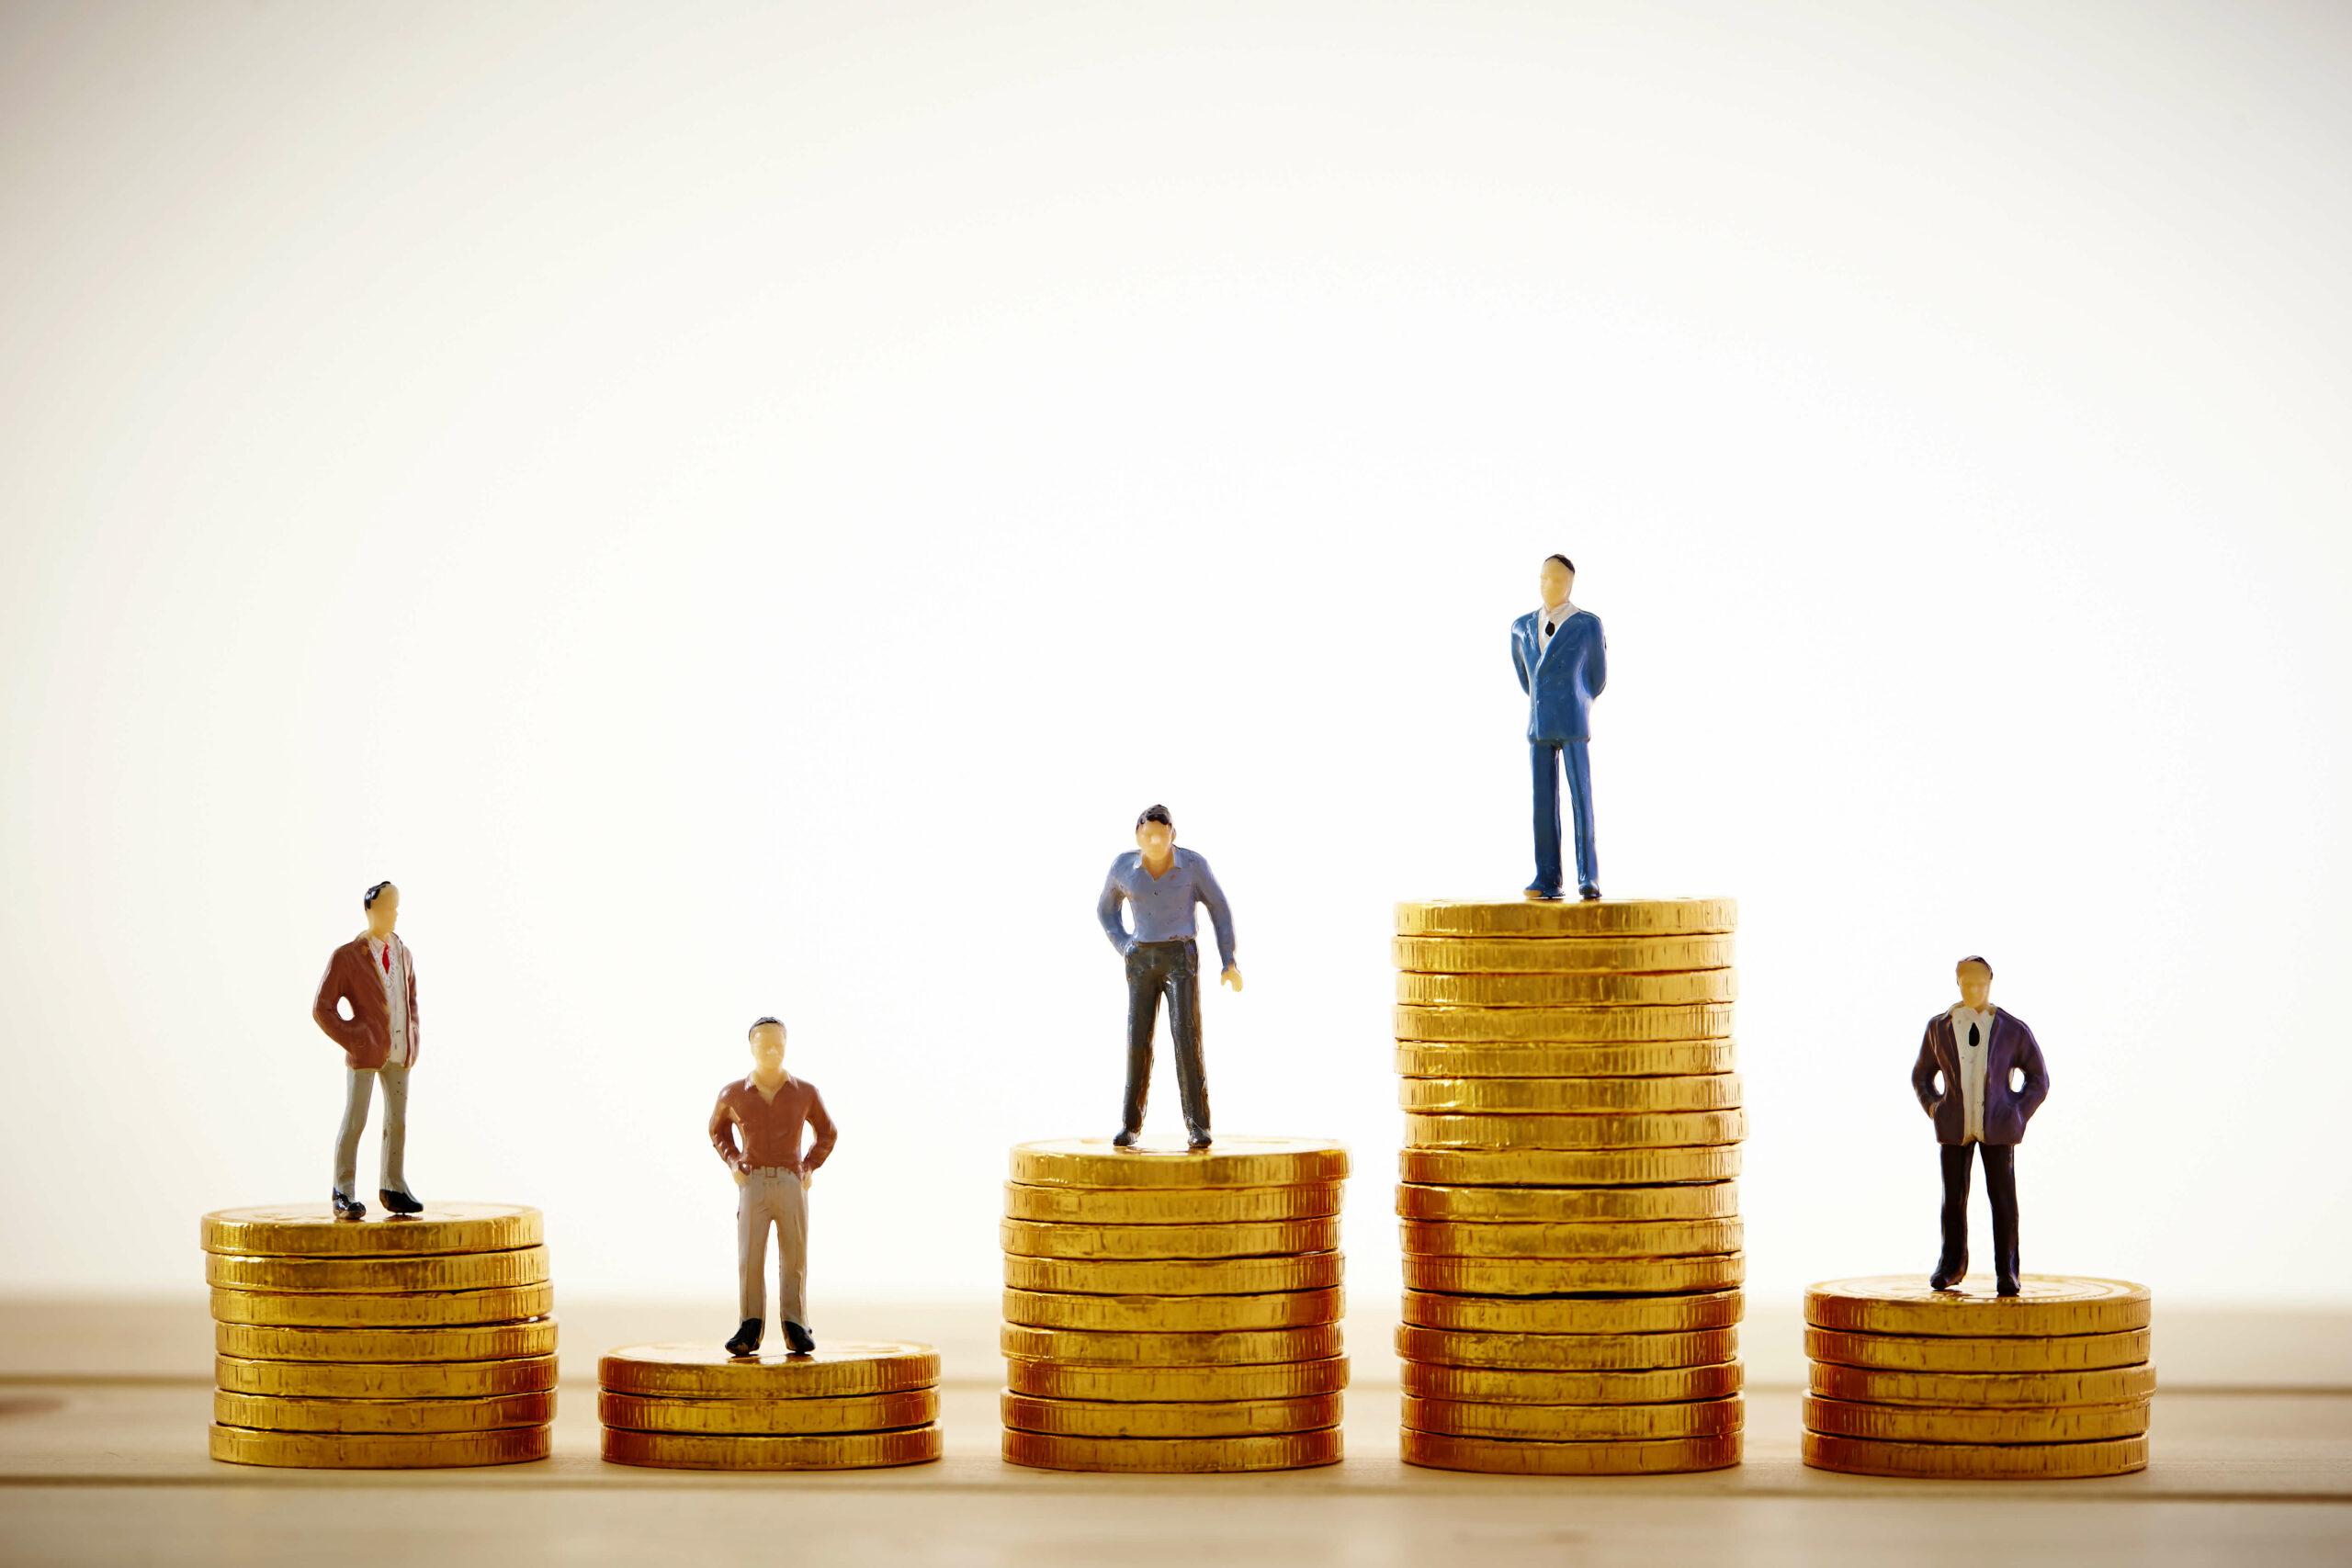 Finanzen & Steuern cover image